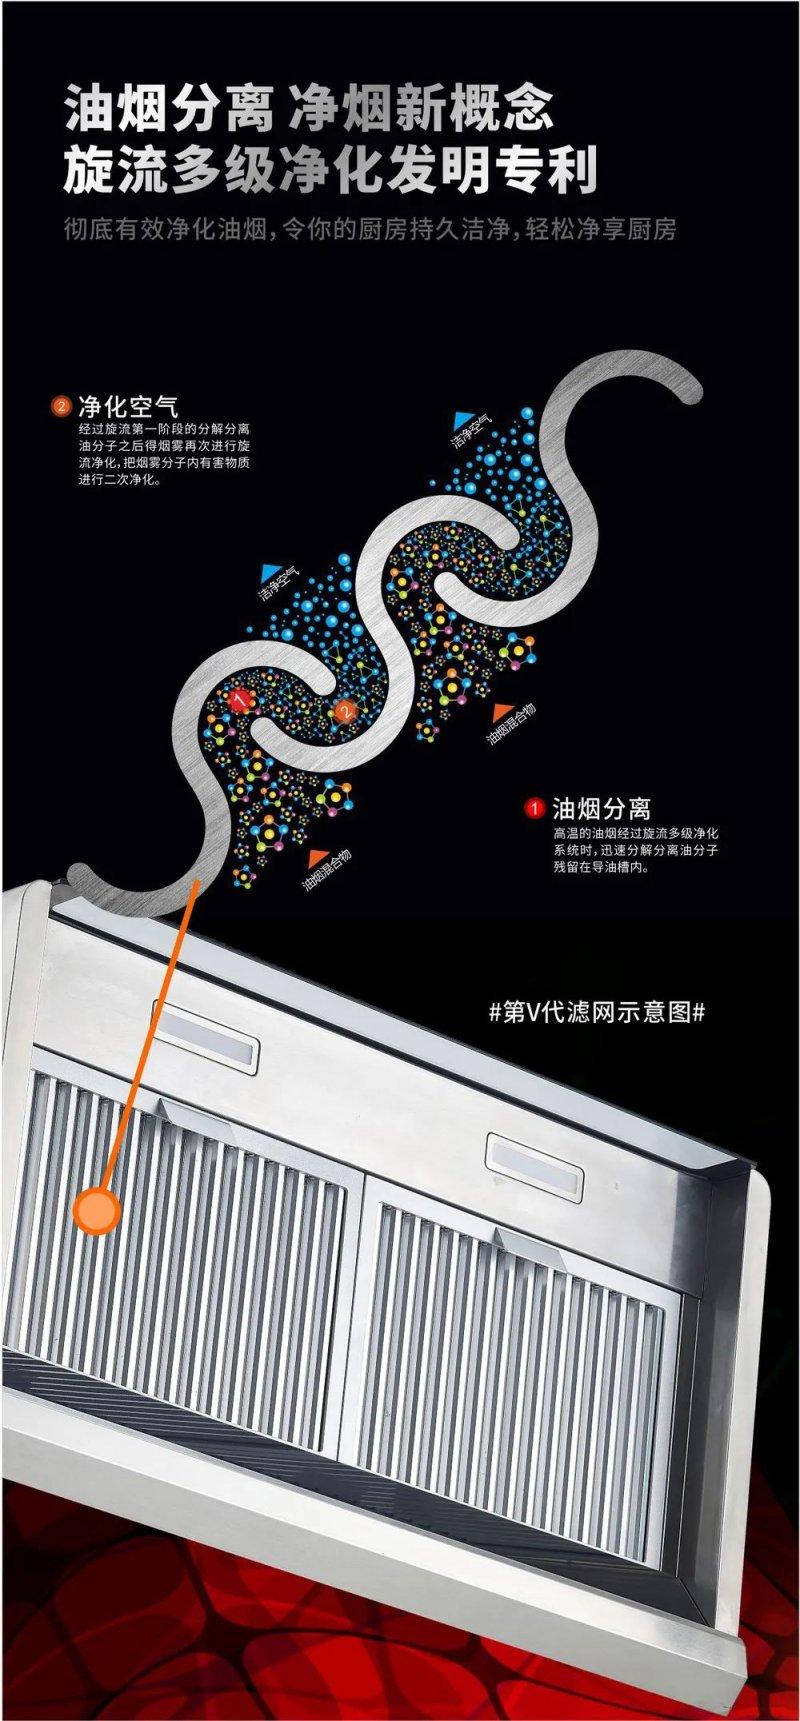 威力电器图片J8079 魔幻系列吸油烟机效果图